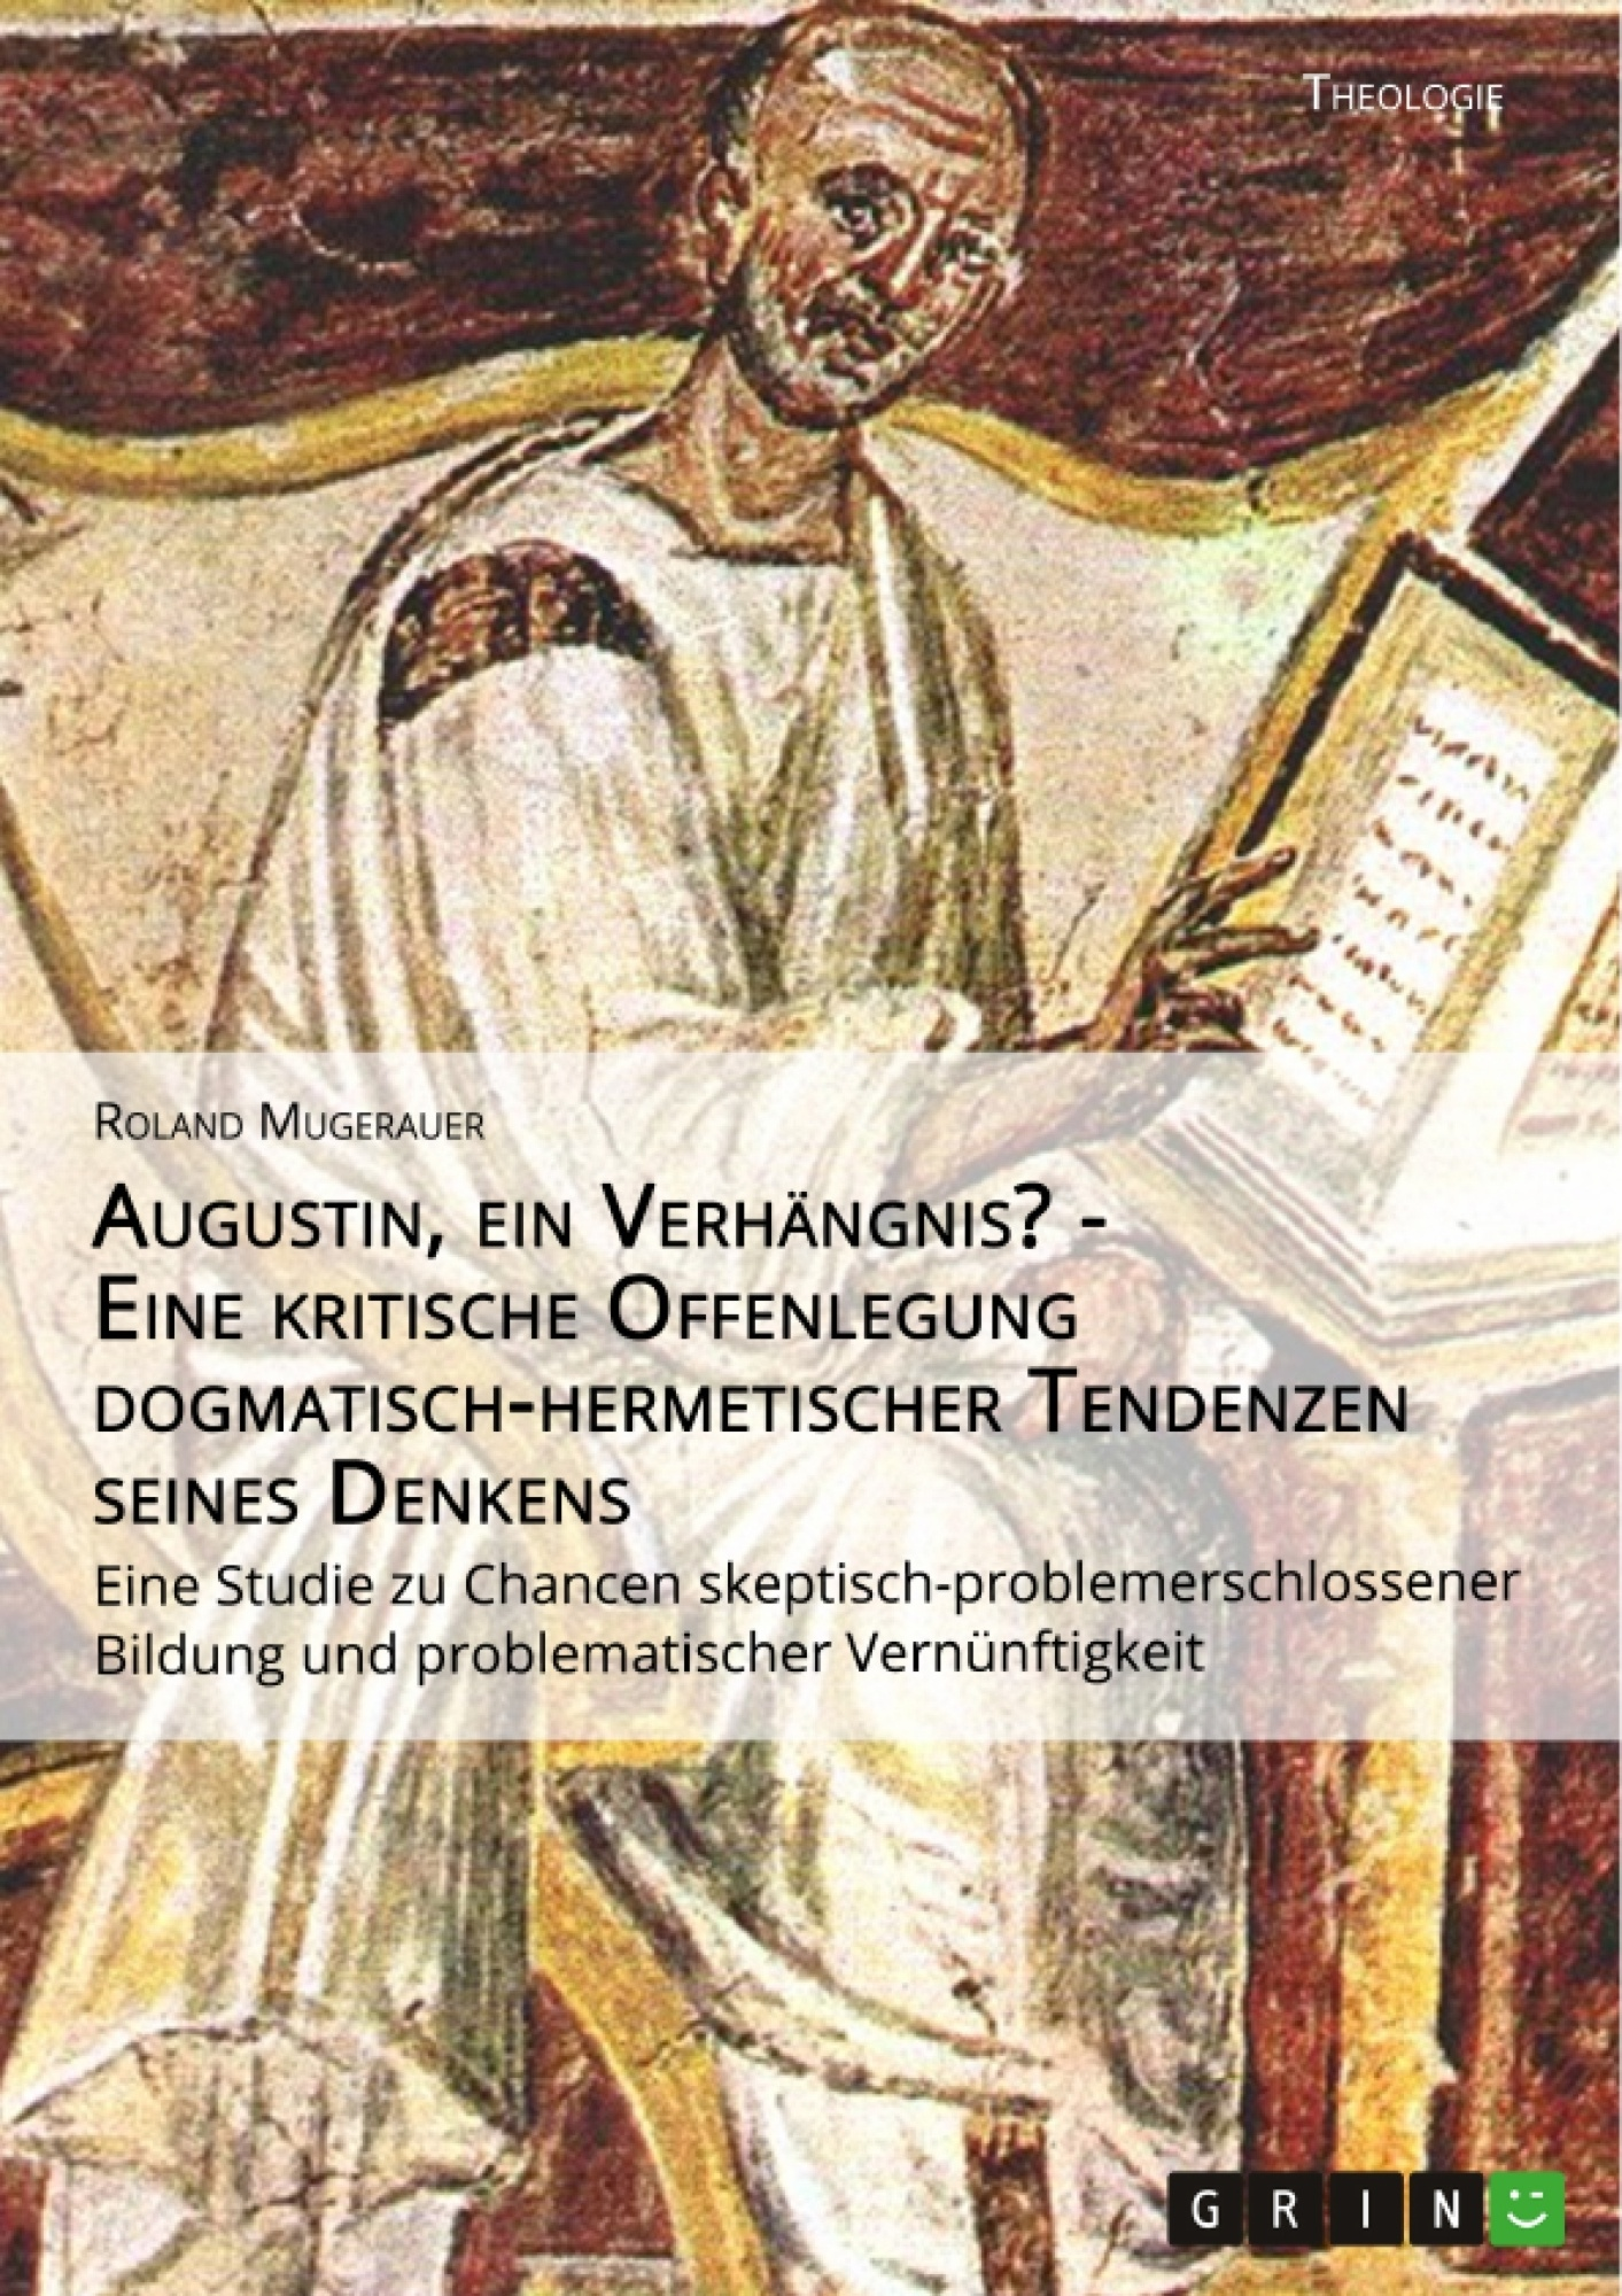 Titel: Augustin, ein Verhängnis? - Eine kritische Offenlegung dogmatisch-hermetischer Tendenzen seines Denkens